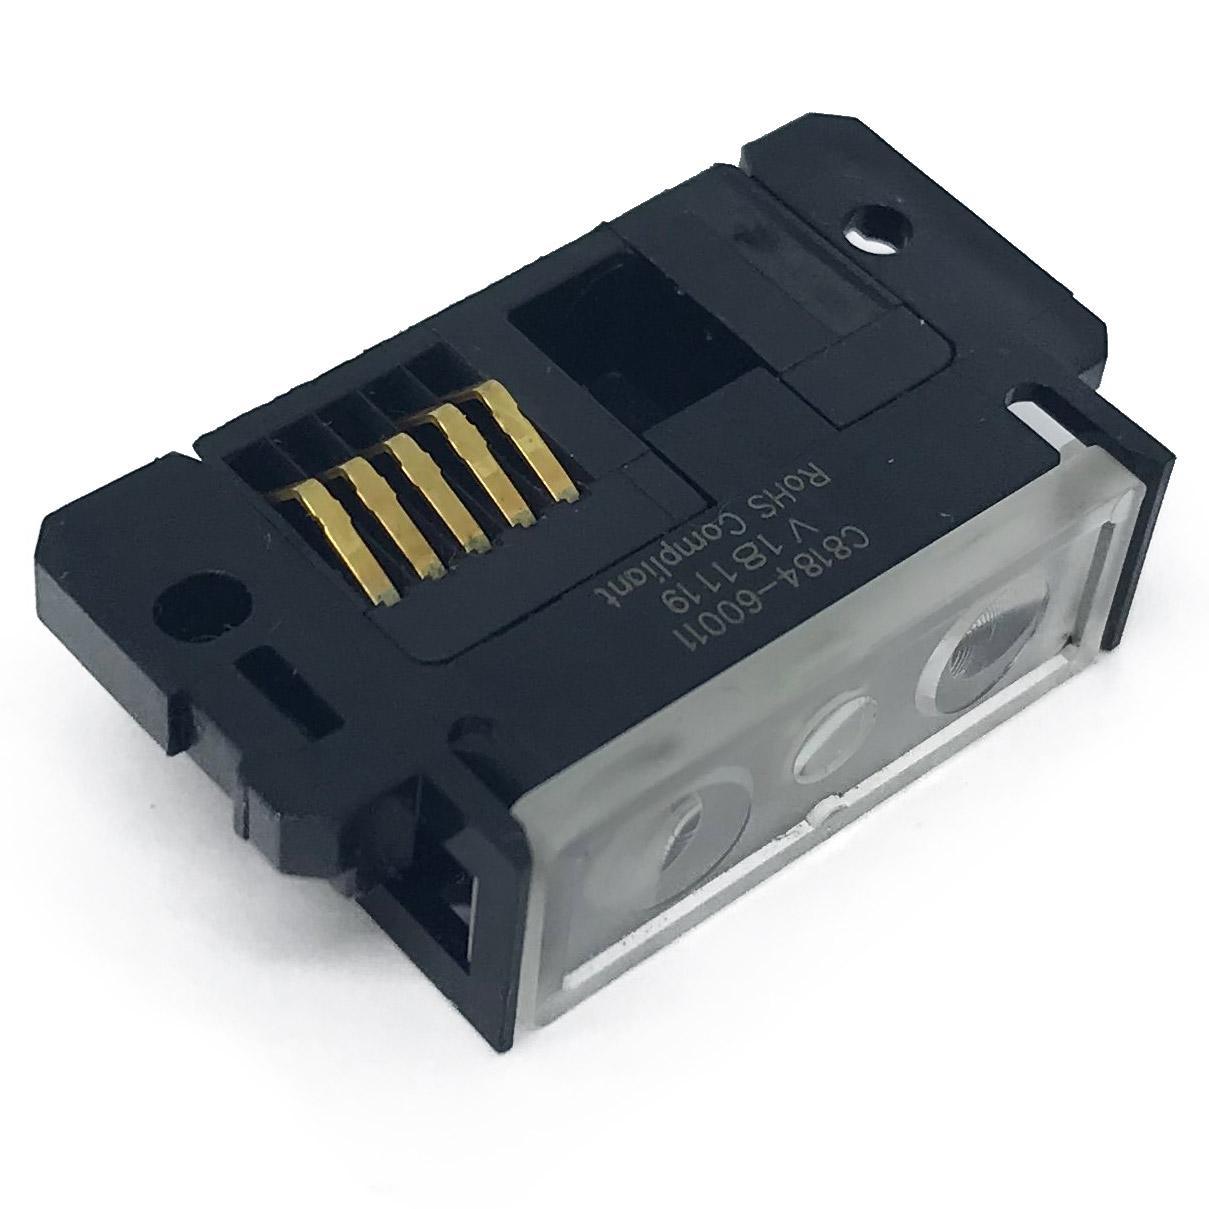 Sensor do Carro de Impressão da HP 8000, 8500, K8600, K5400 e Similares